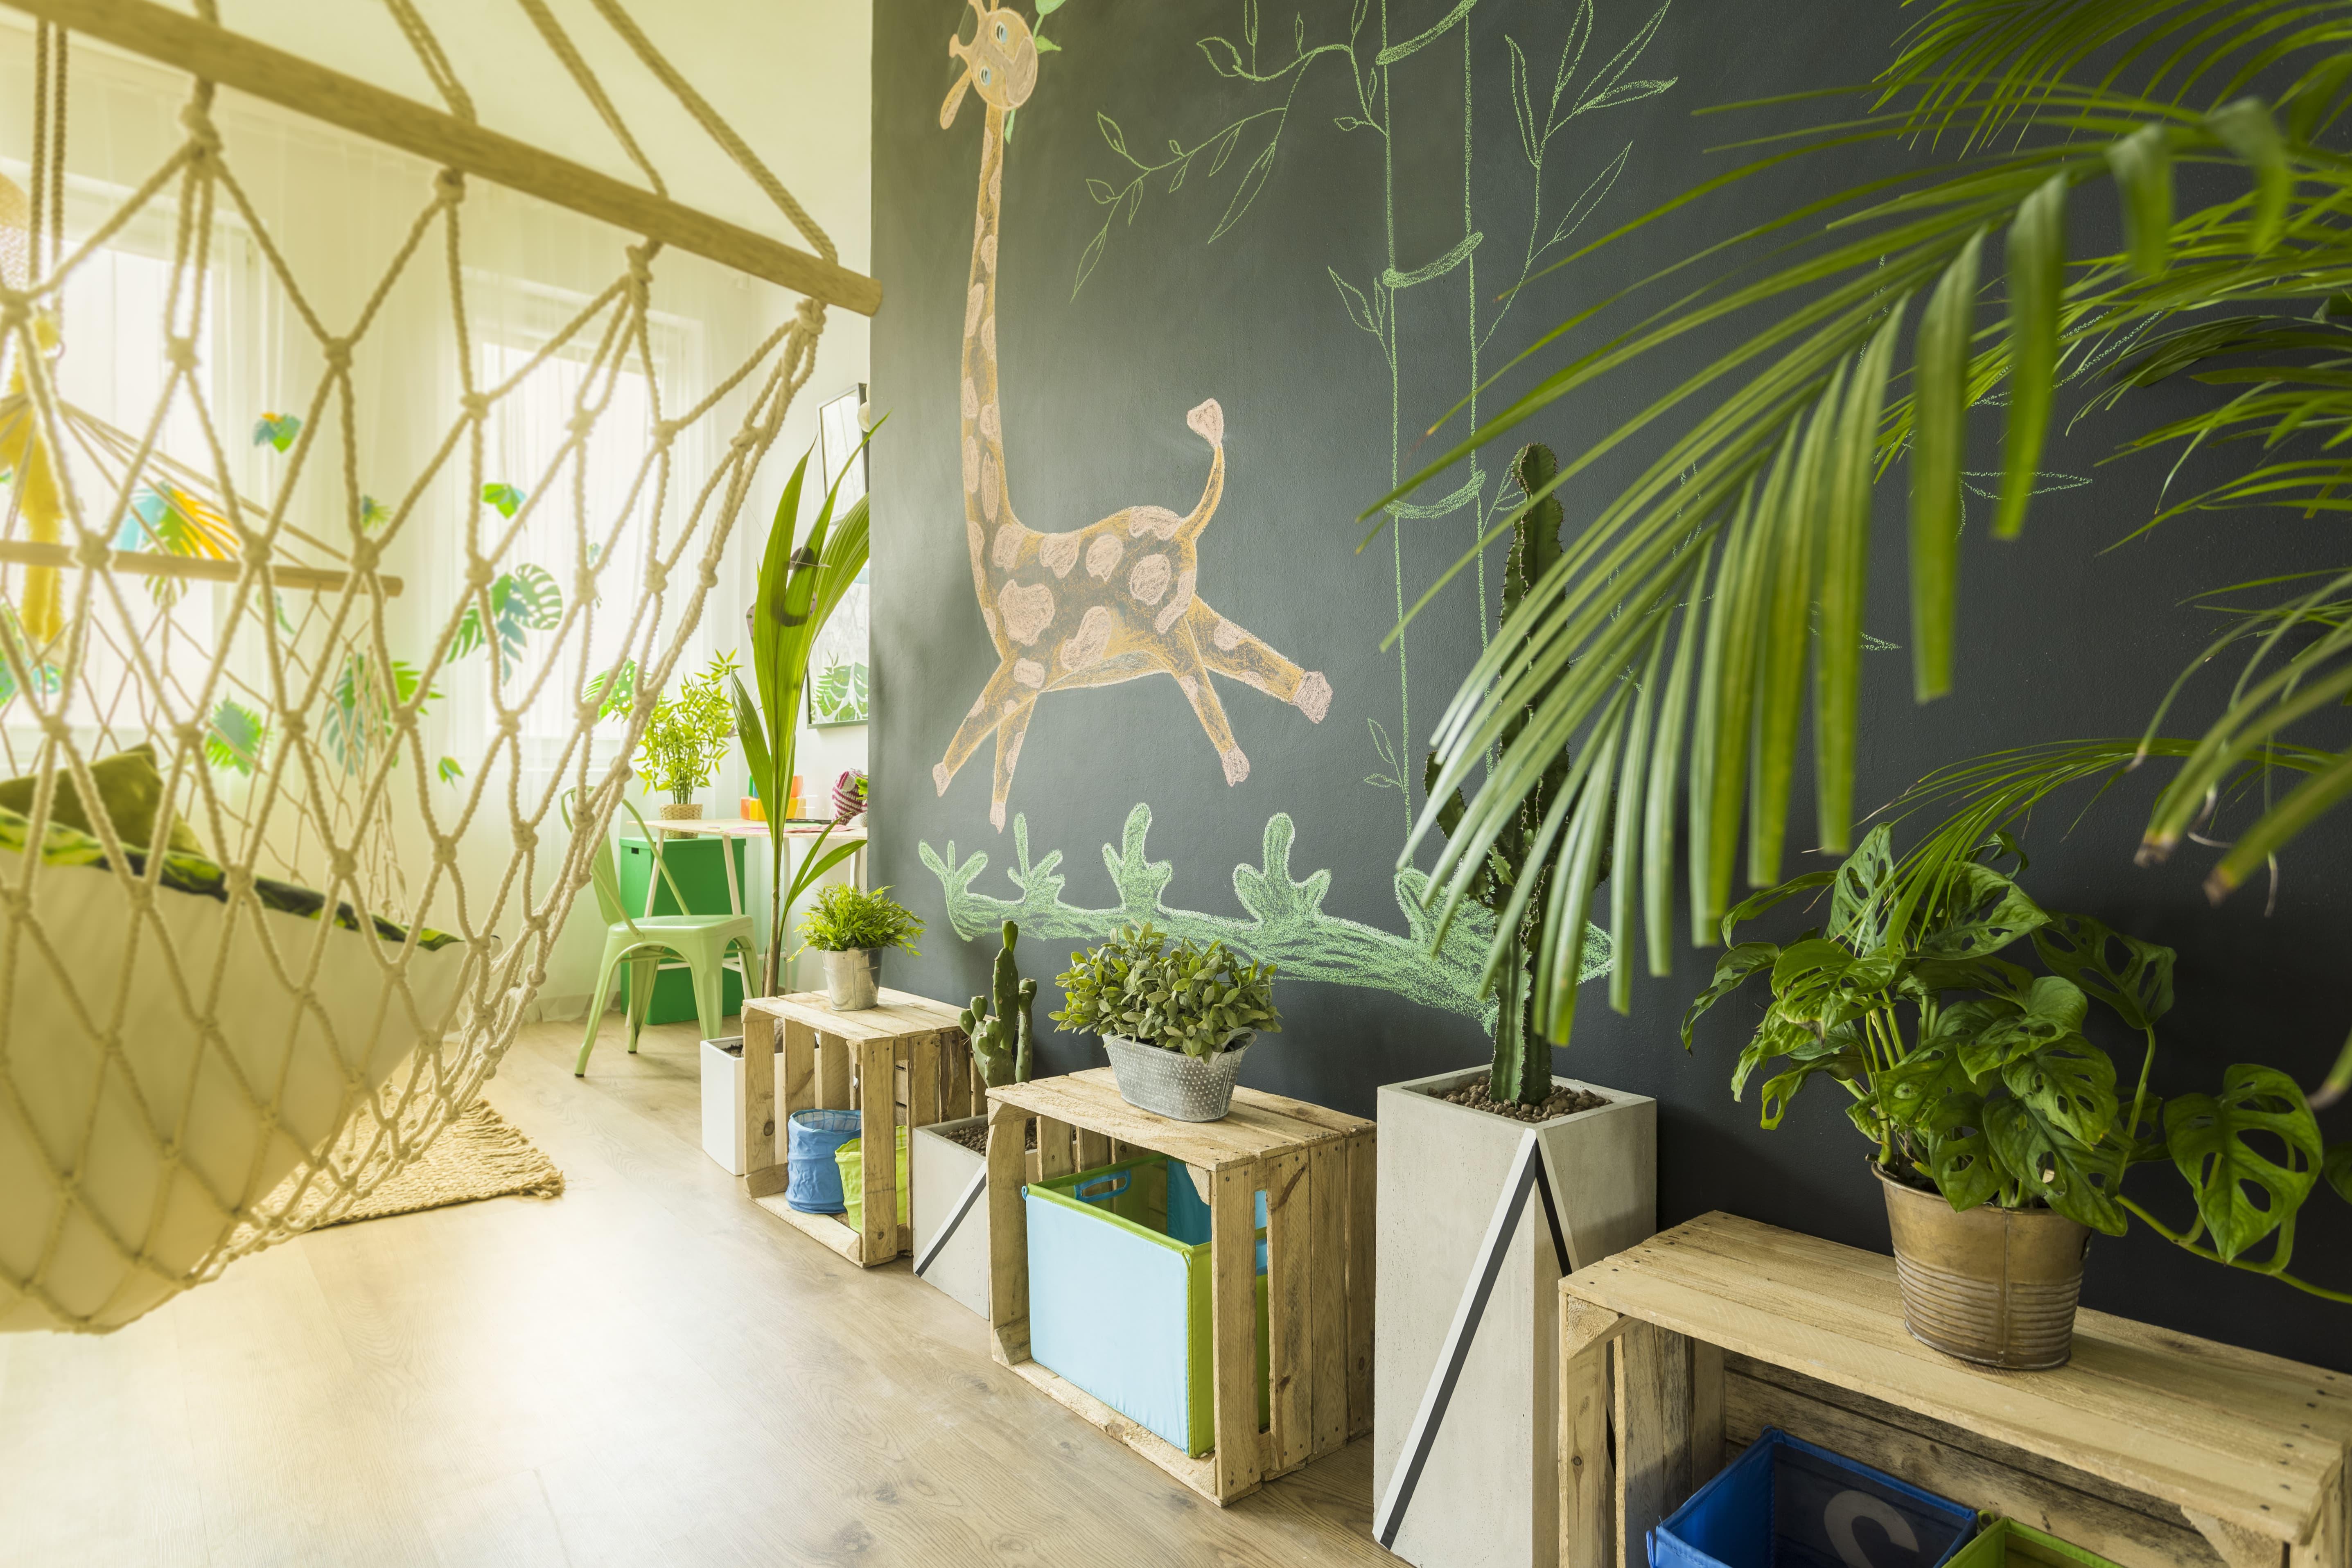 Safari Im Kinderzimmer So Lebt Dein Kind Im Dschungel 7roomz